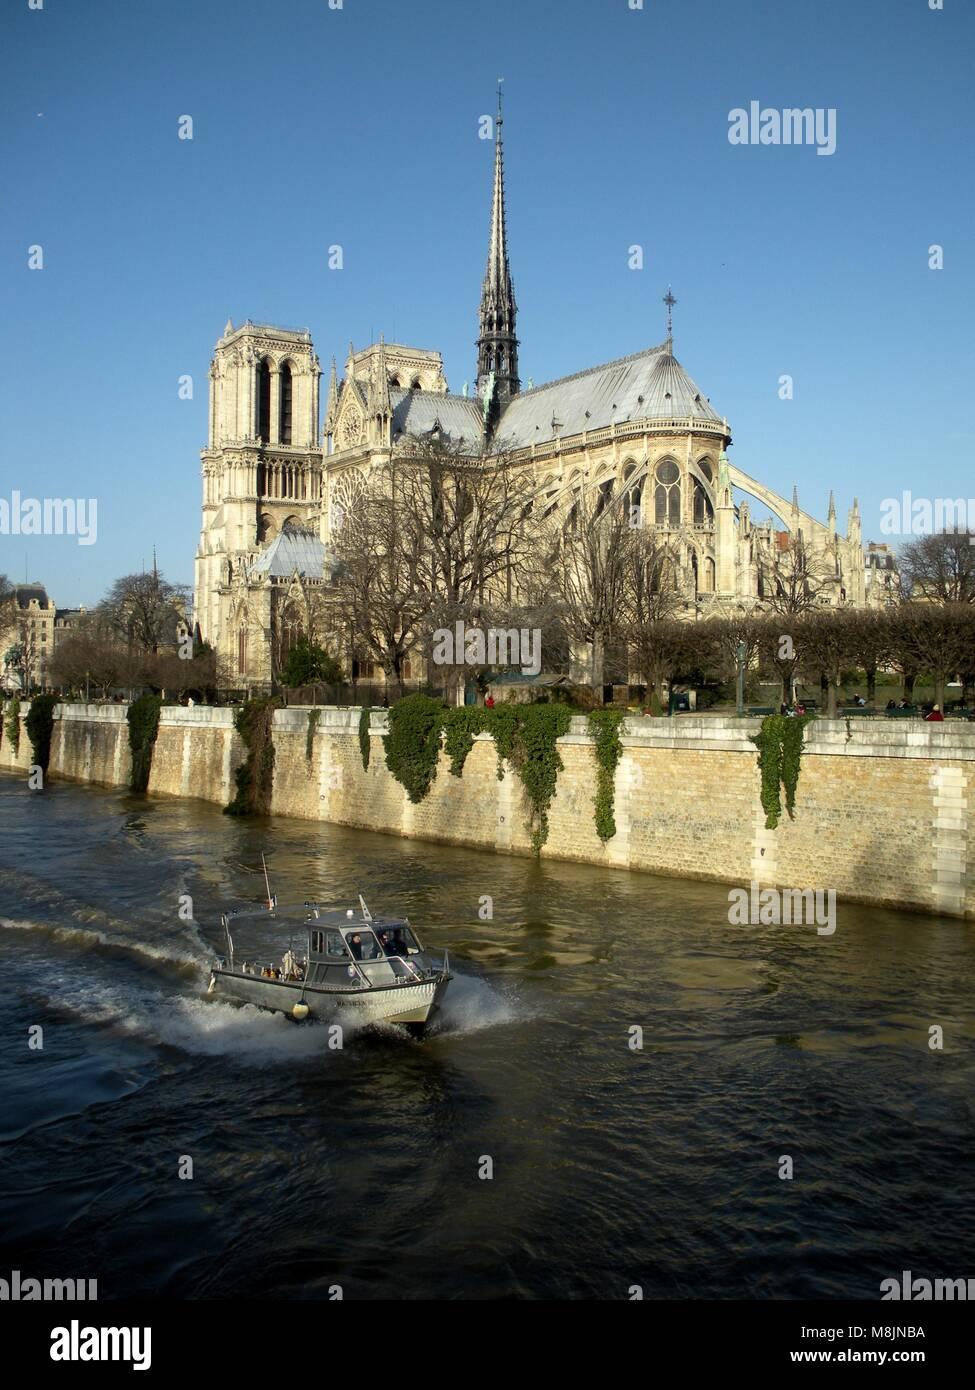 Notre-Dame de Paris, France. - Stock Image